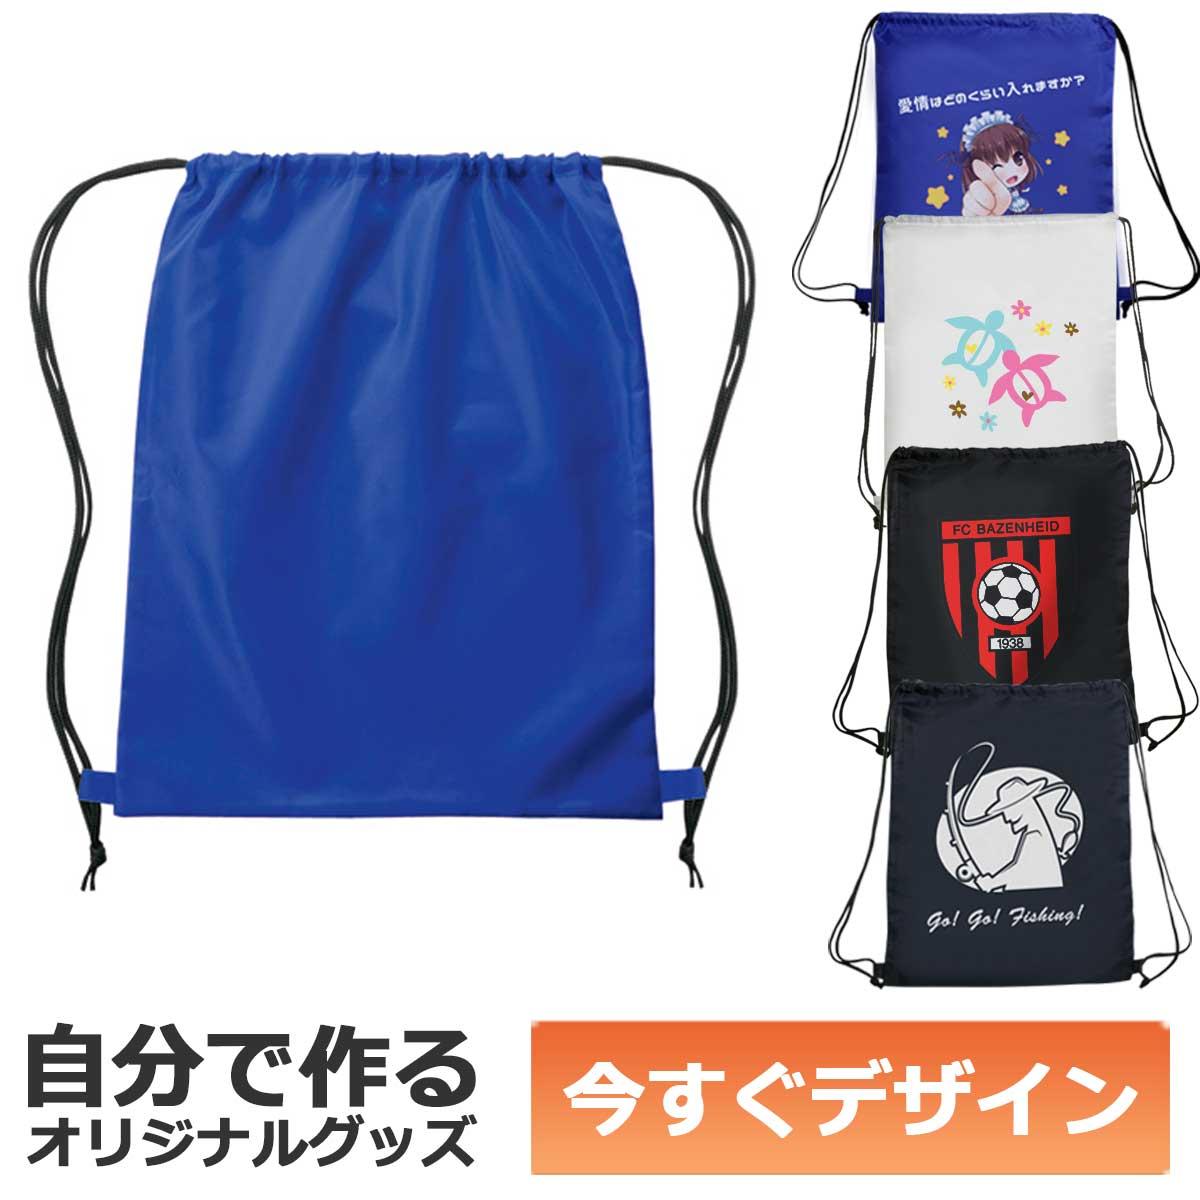 あす楽 名入れ プリント ラッピング無料 格安激安 ギフト 部活袋 防災袋 オリジナル ロイヤルブルー メール便可 1個から作れる イベントリュック 即納可能 自分でデザイン セール特価